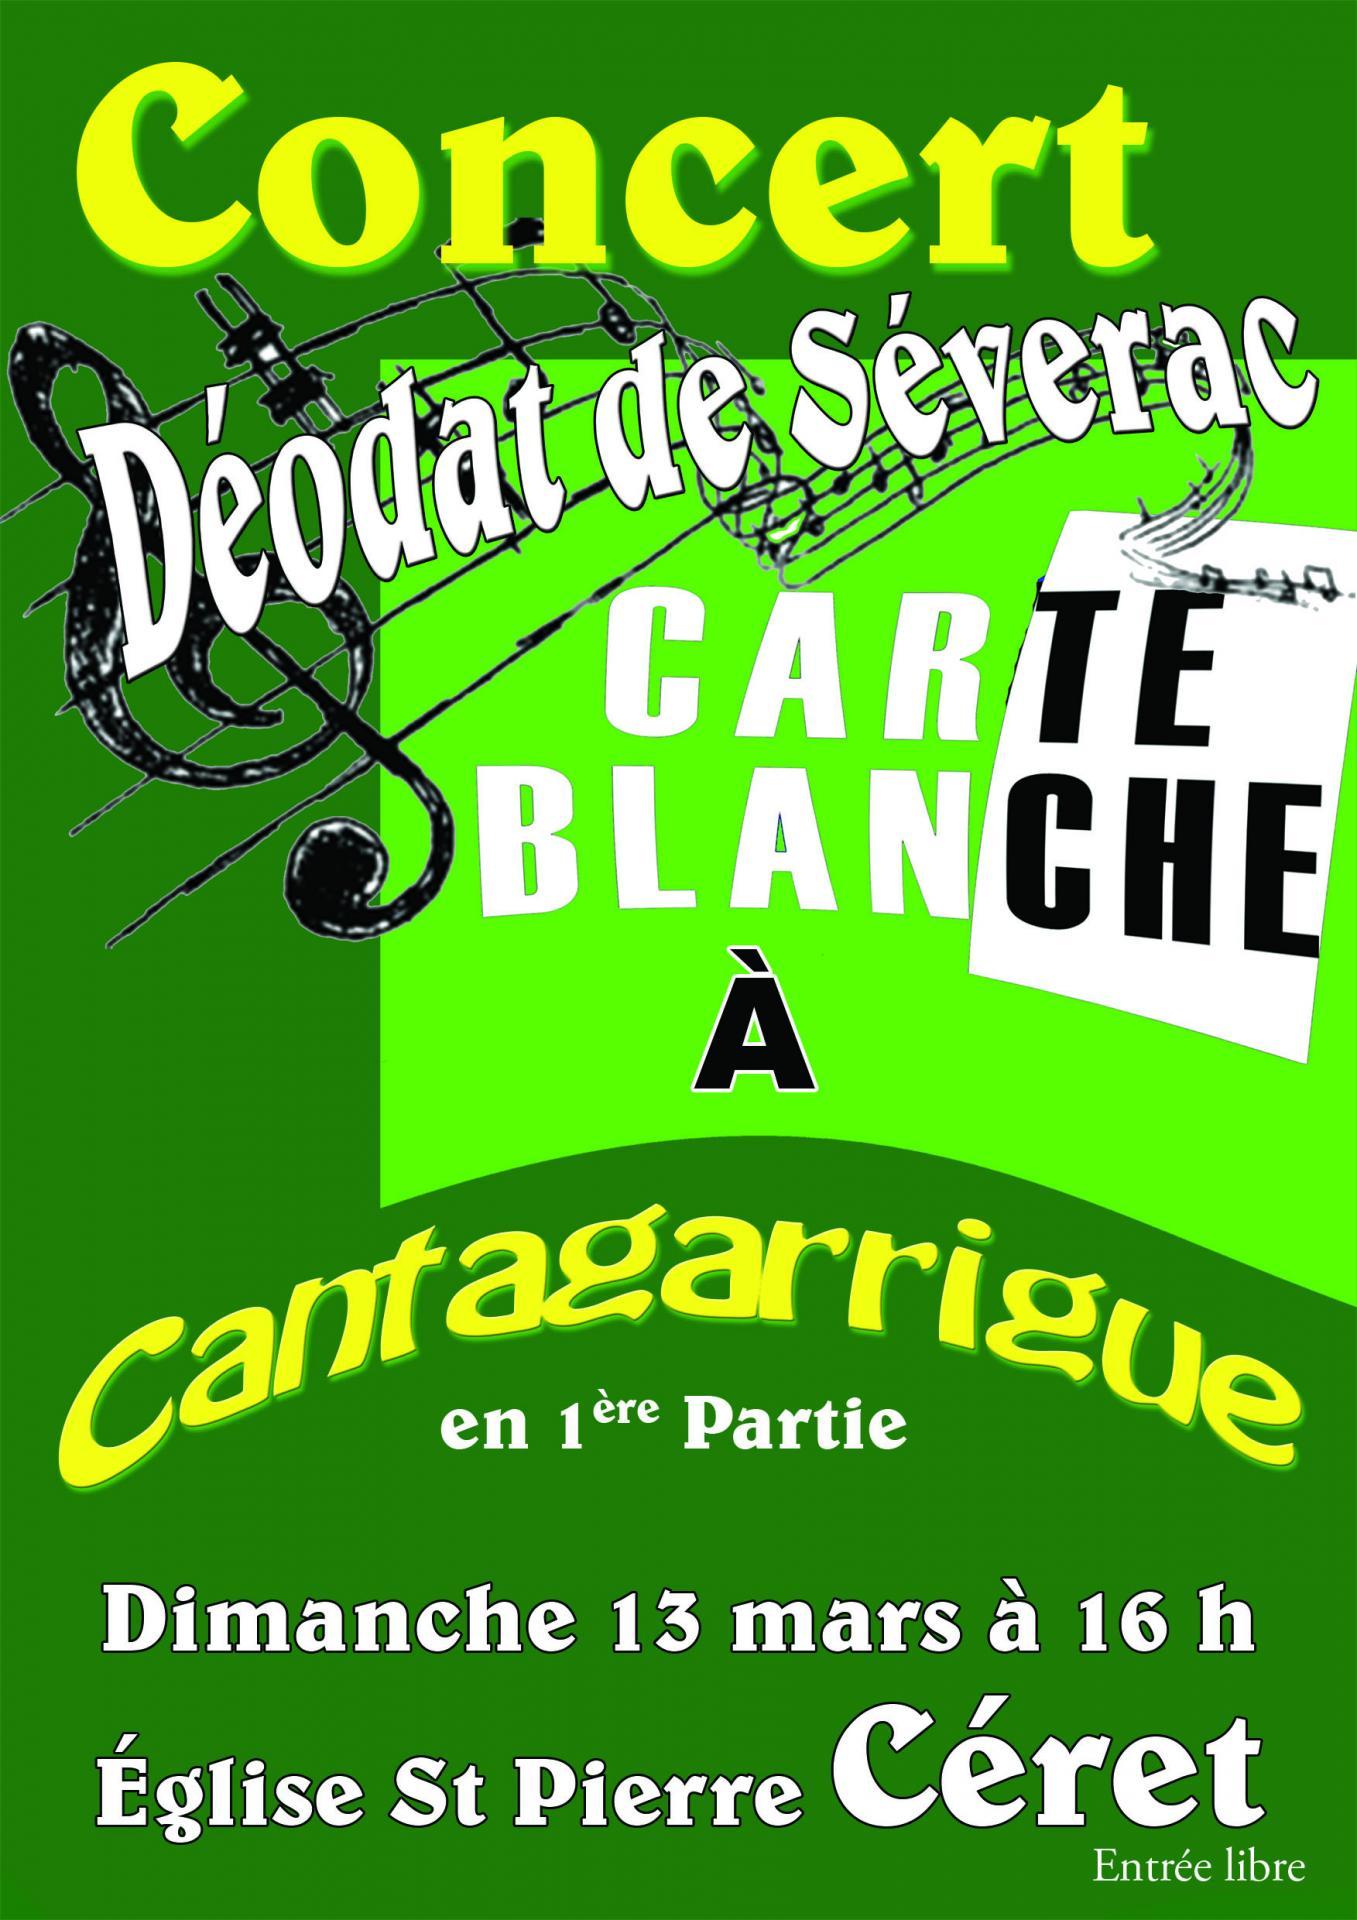 Carte blanche cantagarrigue 1